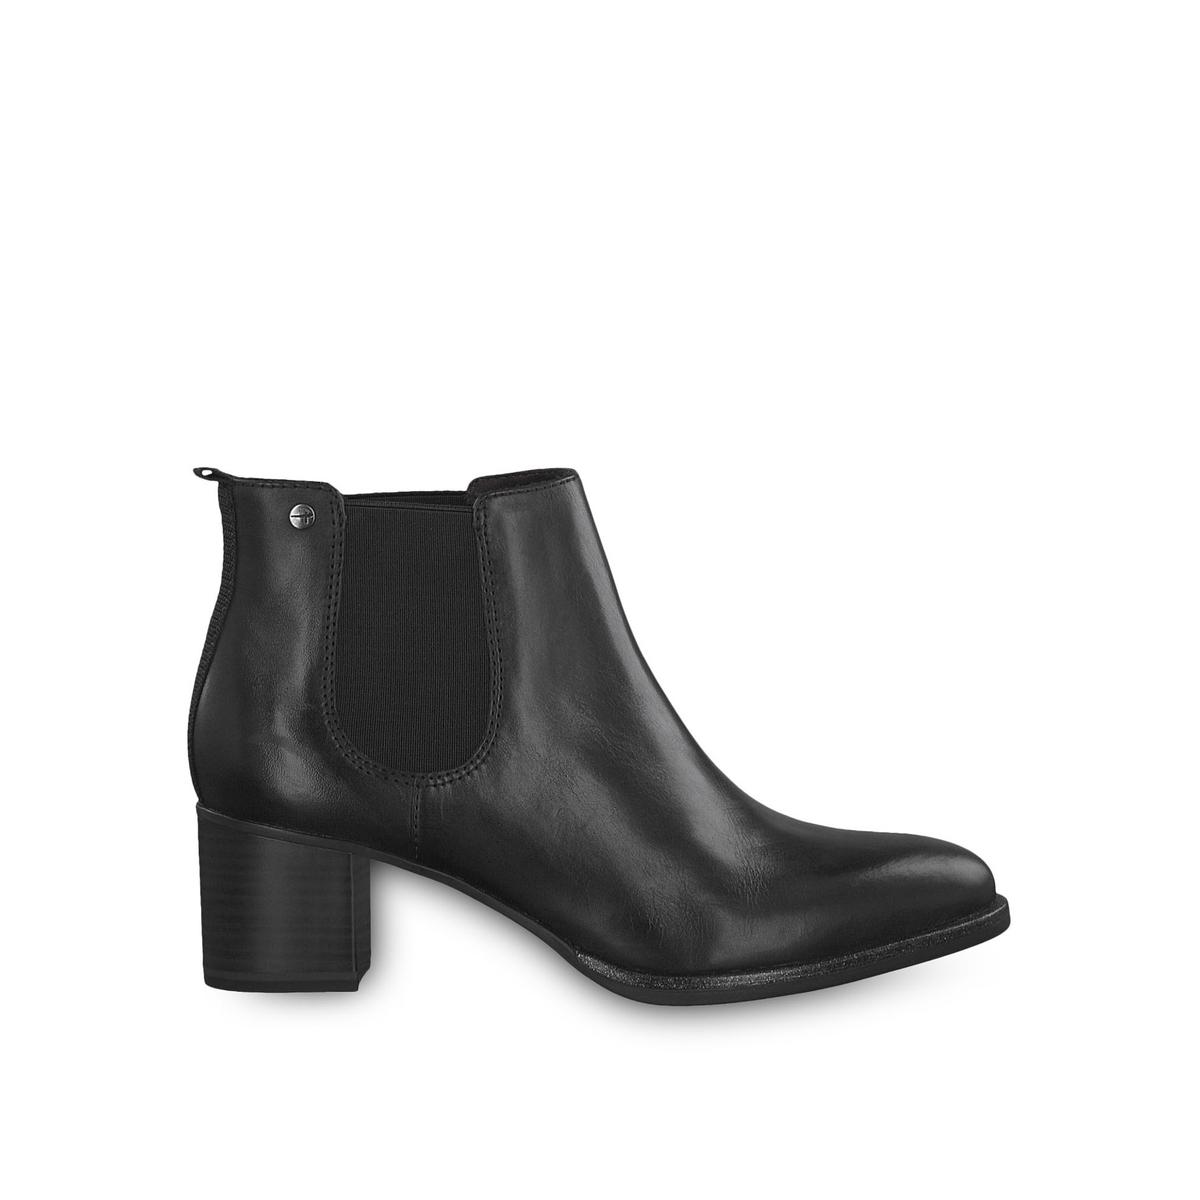 Ботильоны La Redoute На каблуке кожаные Thea 36 черный ботильоны la redoute кожаные на каблуке claudette calf 37 черный